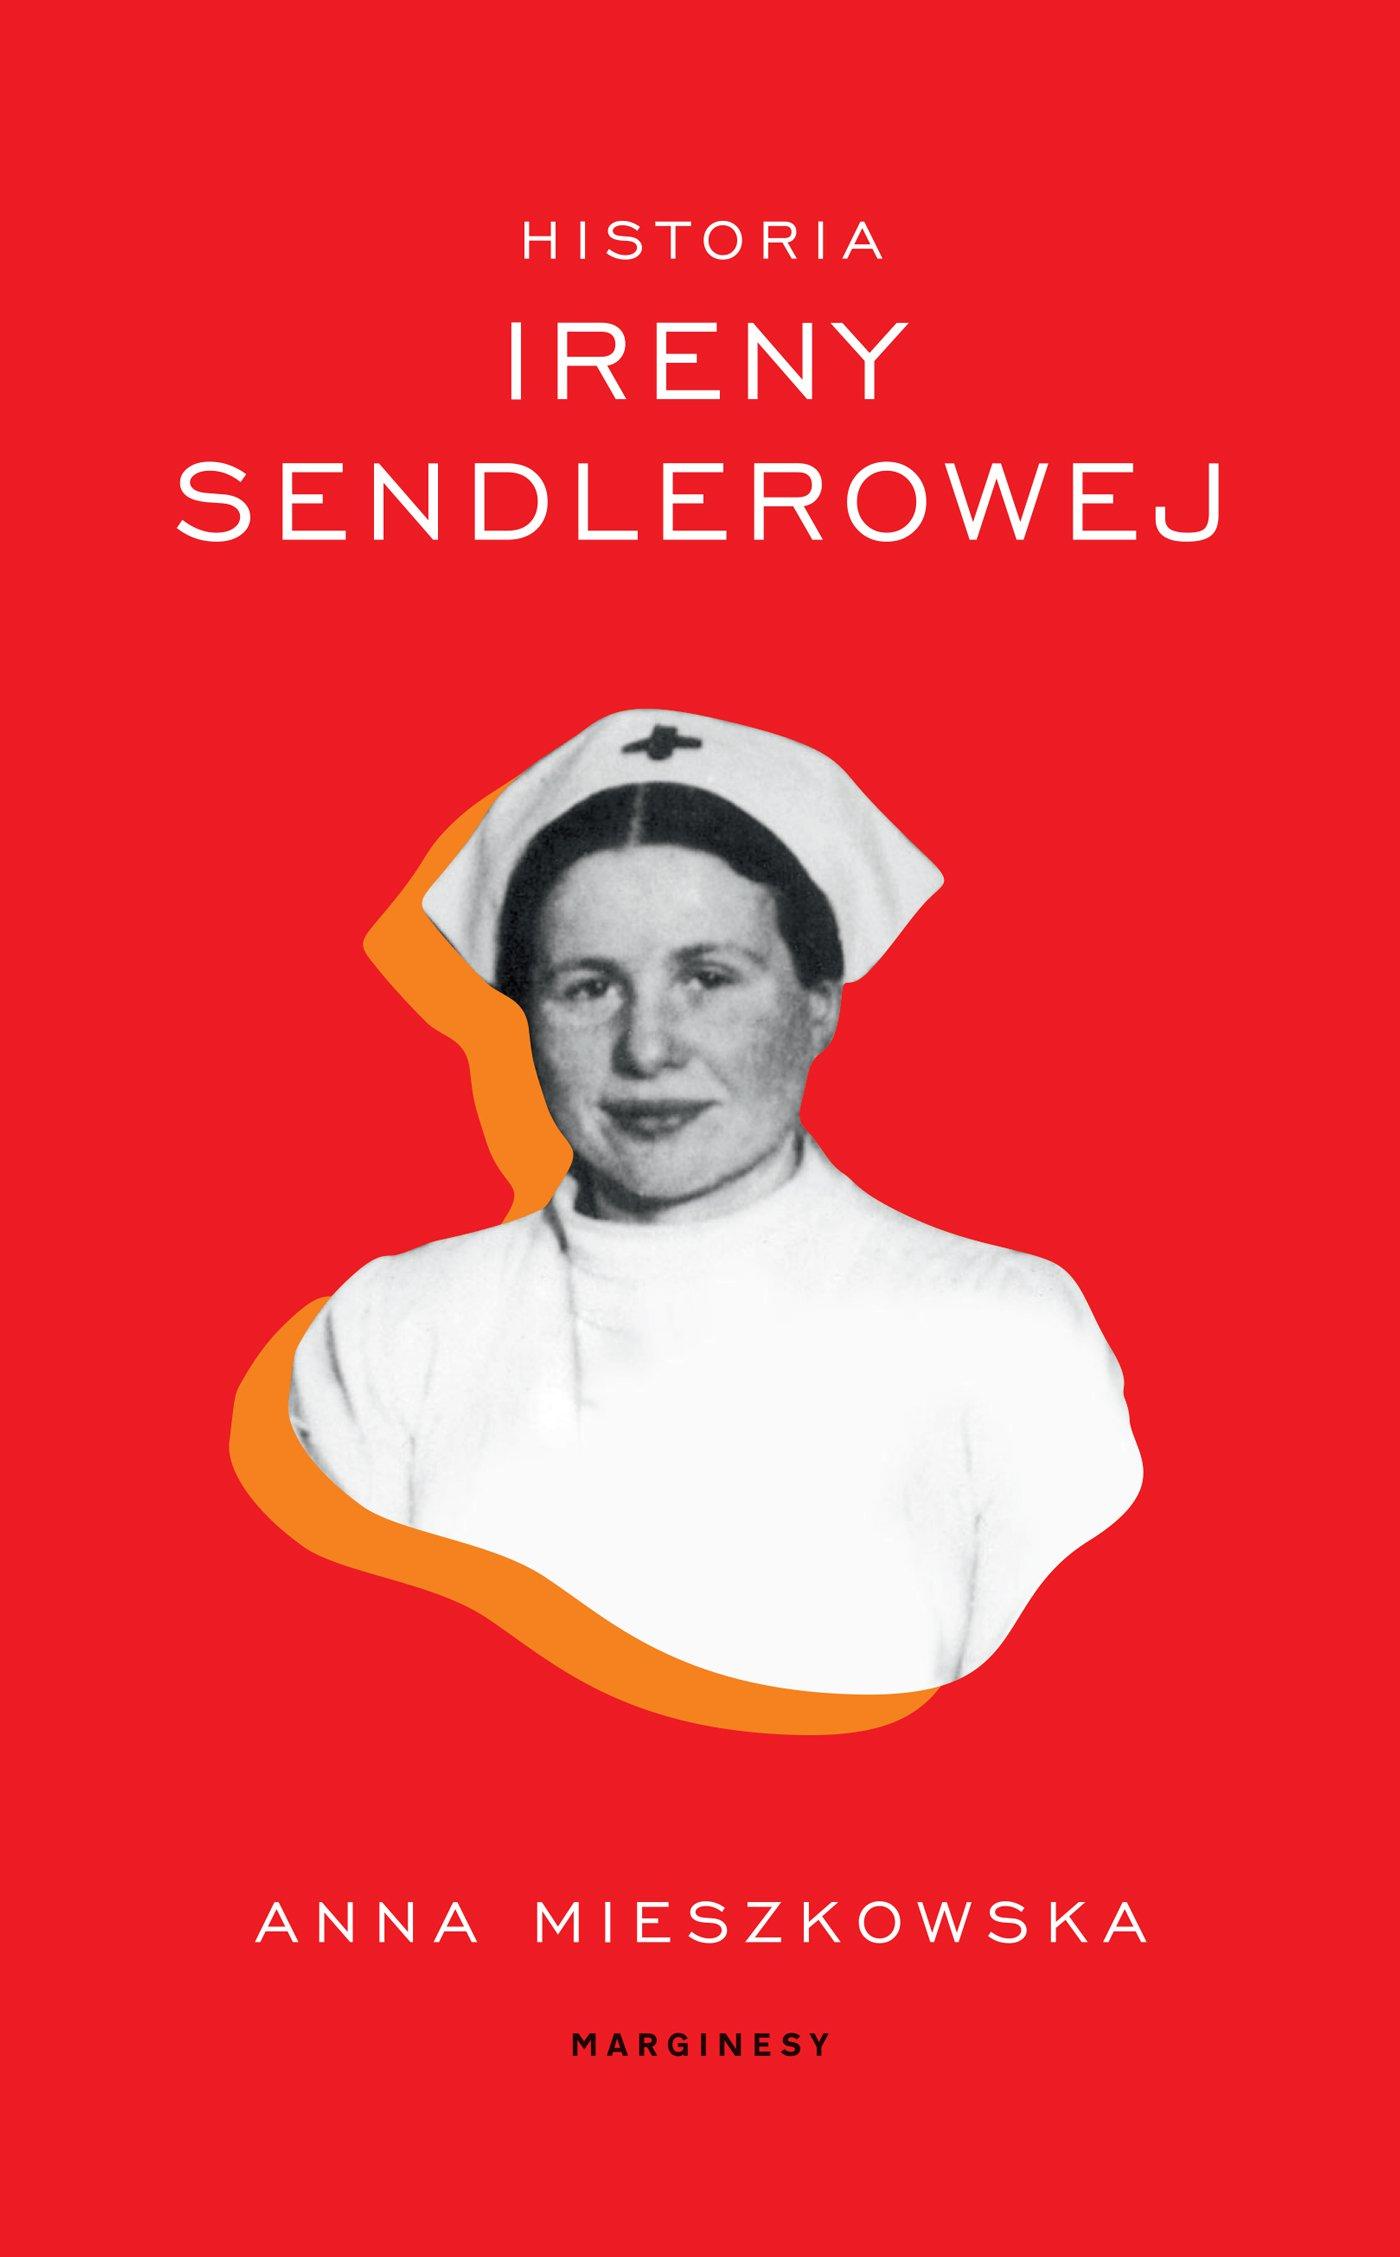 Historia Ireny Sendlerowej - Ebook (Książka na Kindle) do pobrania w formacie MOBI